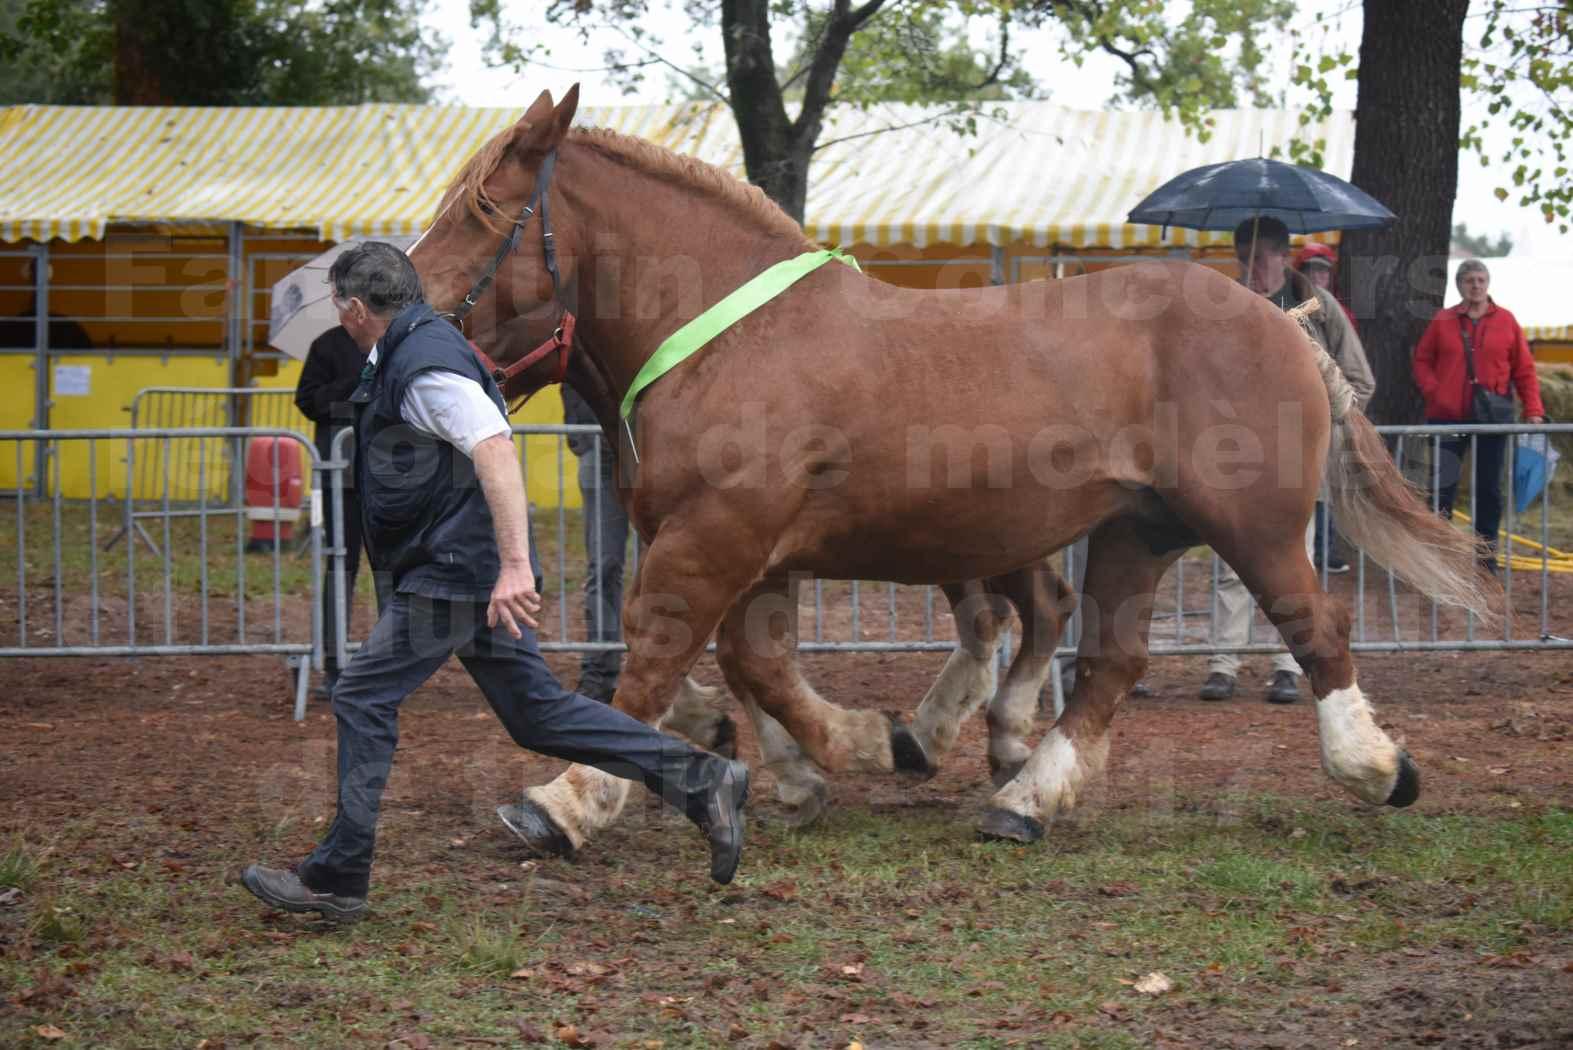 Concours Régional de chevaux de traits en 2017 - Trait BRETON - Jument suitée - ROYALE DE MARS - 10